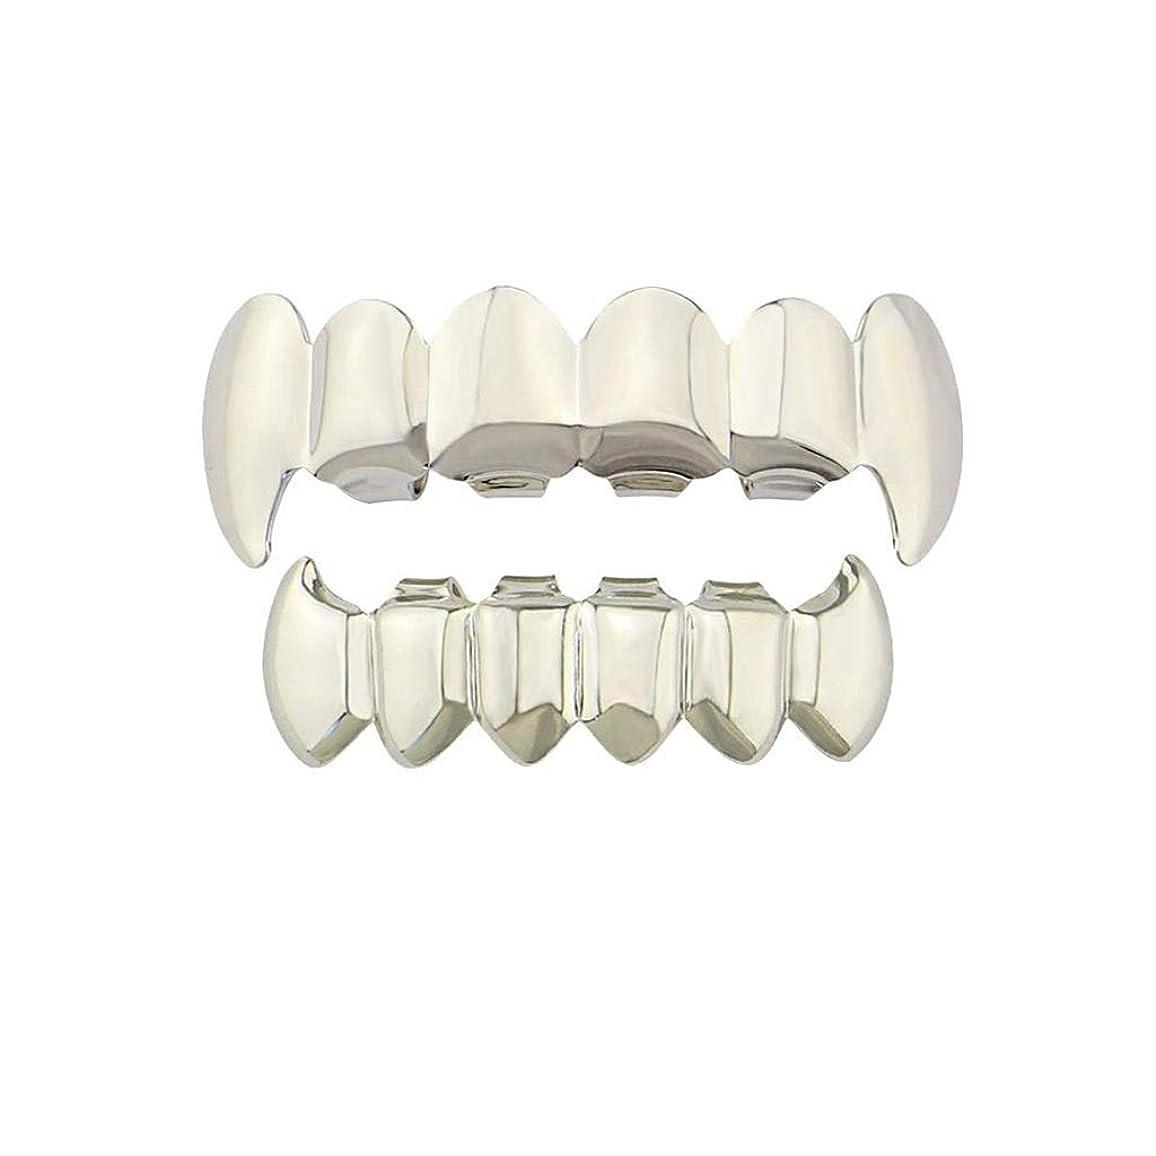 ヘルシーネックレスエクスタシーYHDD 歯科用グリル光沢のある歯科用グリルの上下の歯の吸血鬼の正方形のグリルの贈り物用に設定サイズはすべての電気メッキヒップホップの歯のグリルの上に合います(色:ローズゴールド) (色 : シルバー しるば゜)